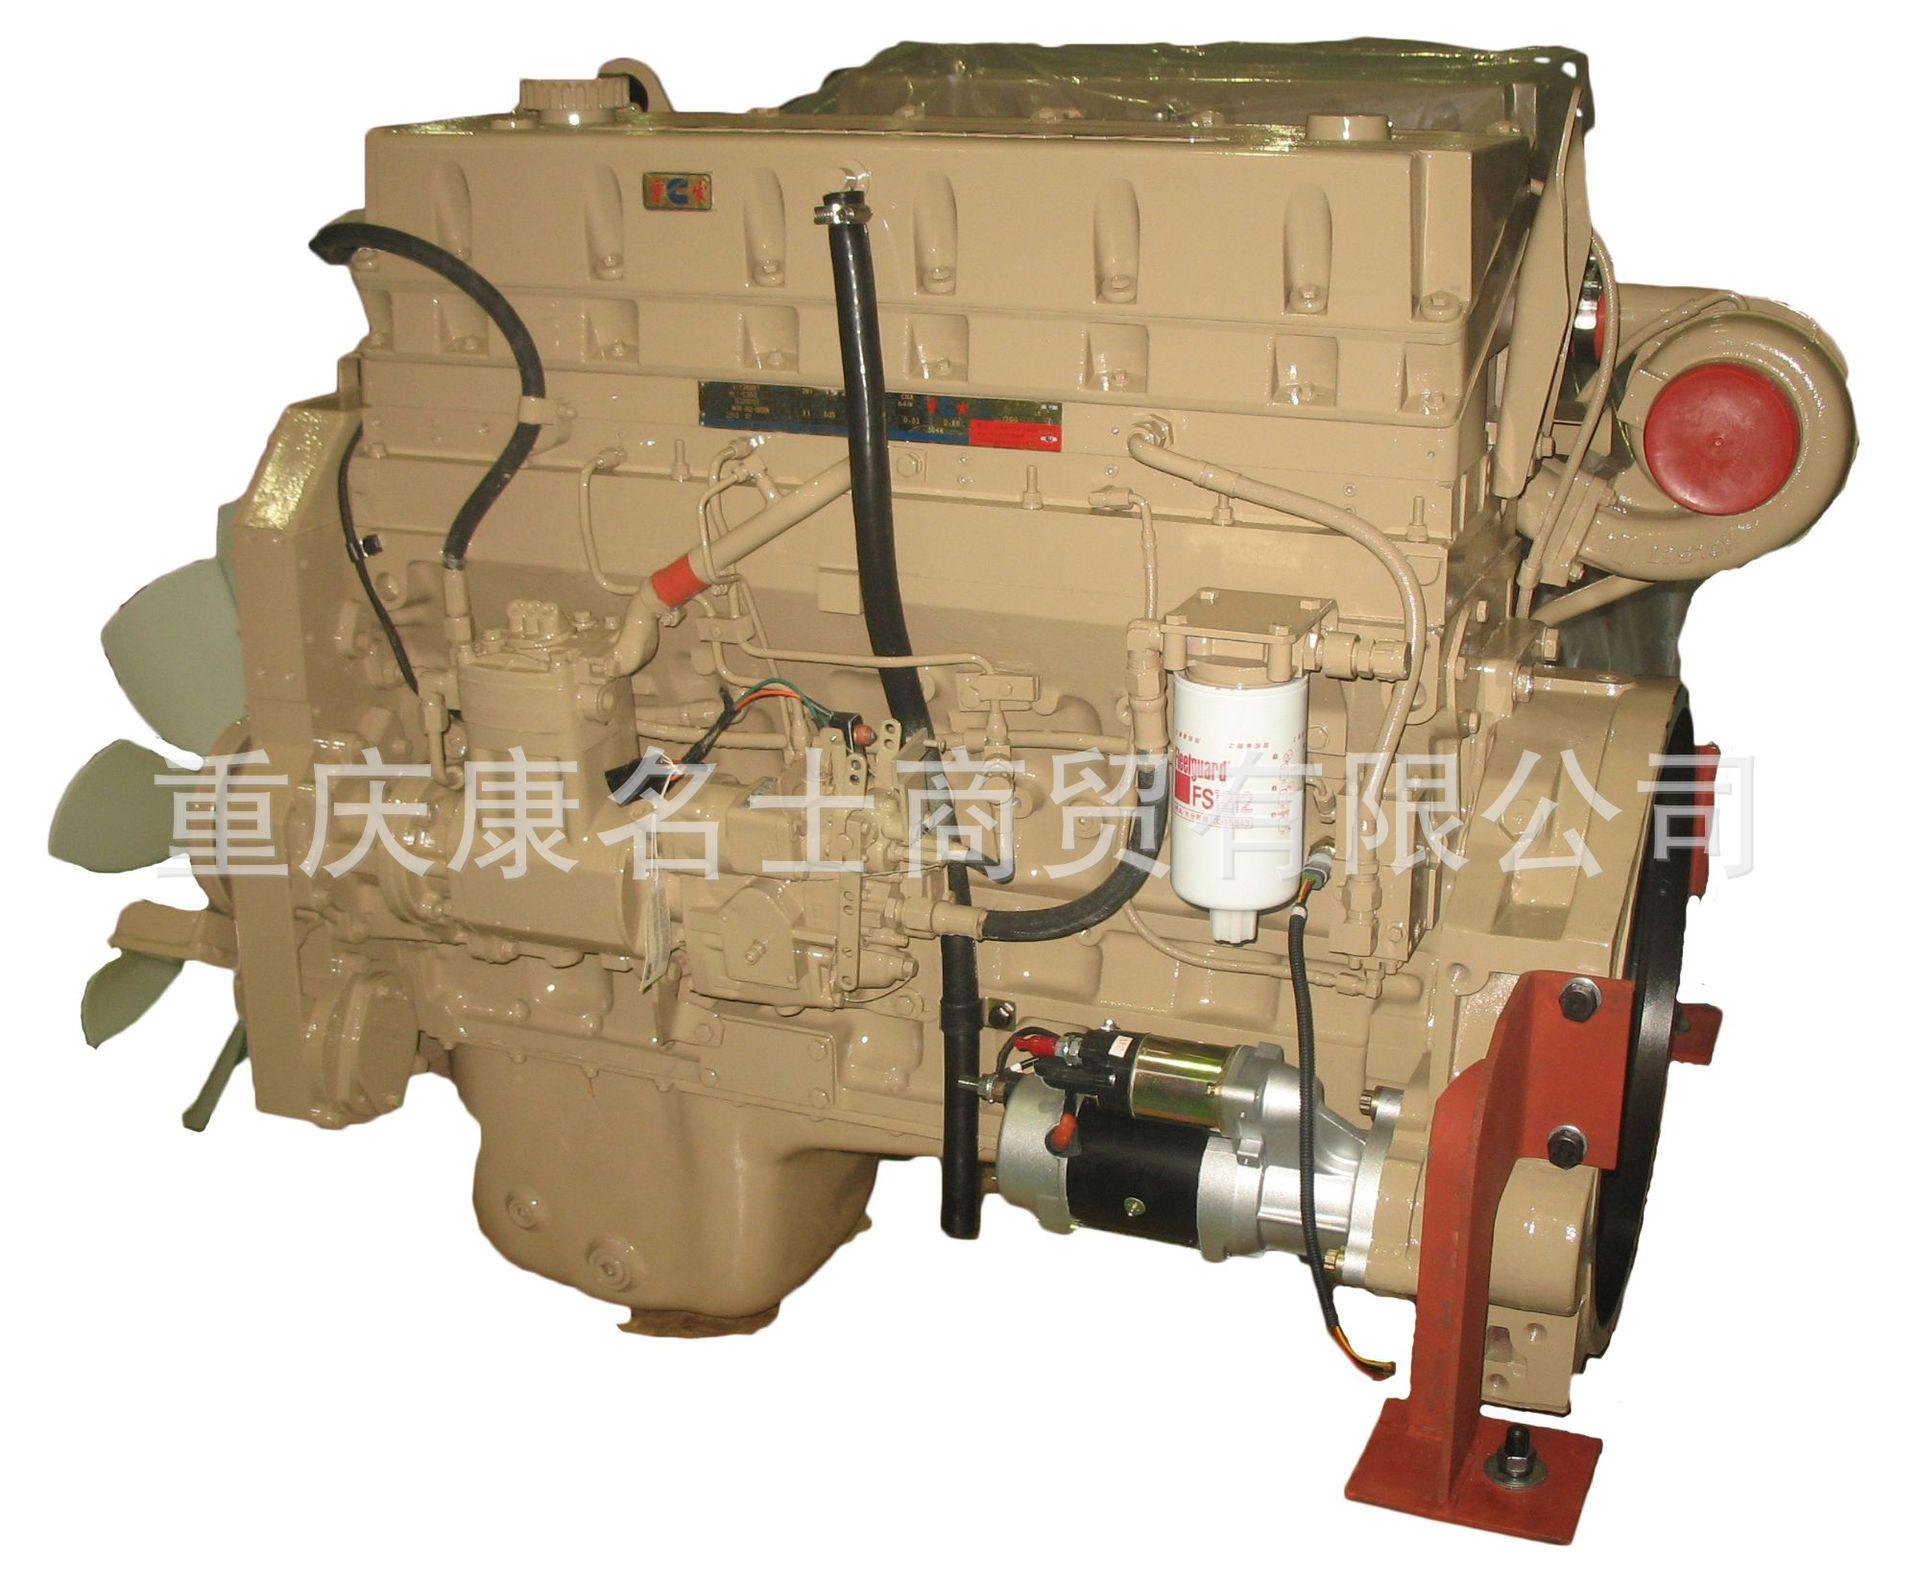 3964395康明斯曲轴箱呼吸器管道CCEC发动机配件厂价优惠